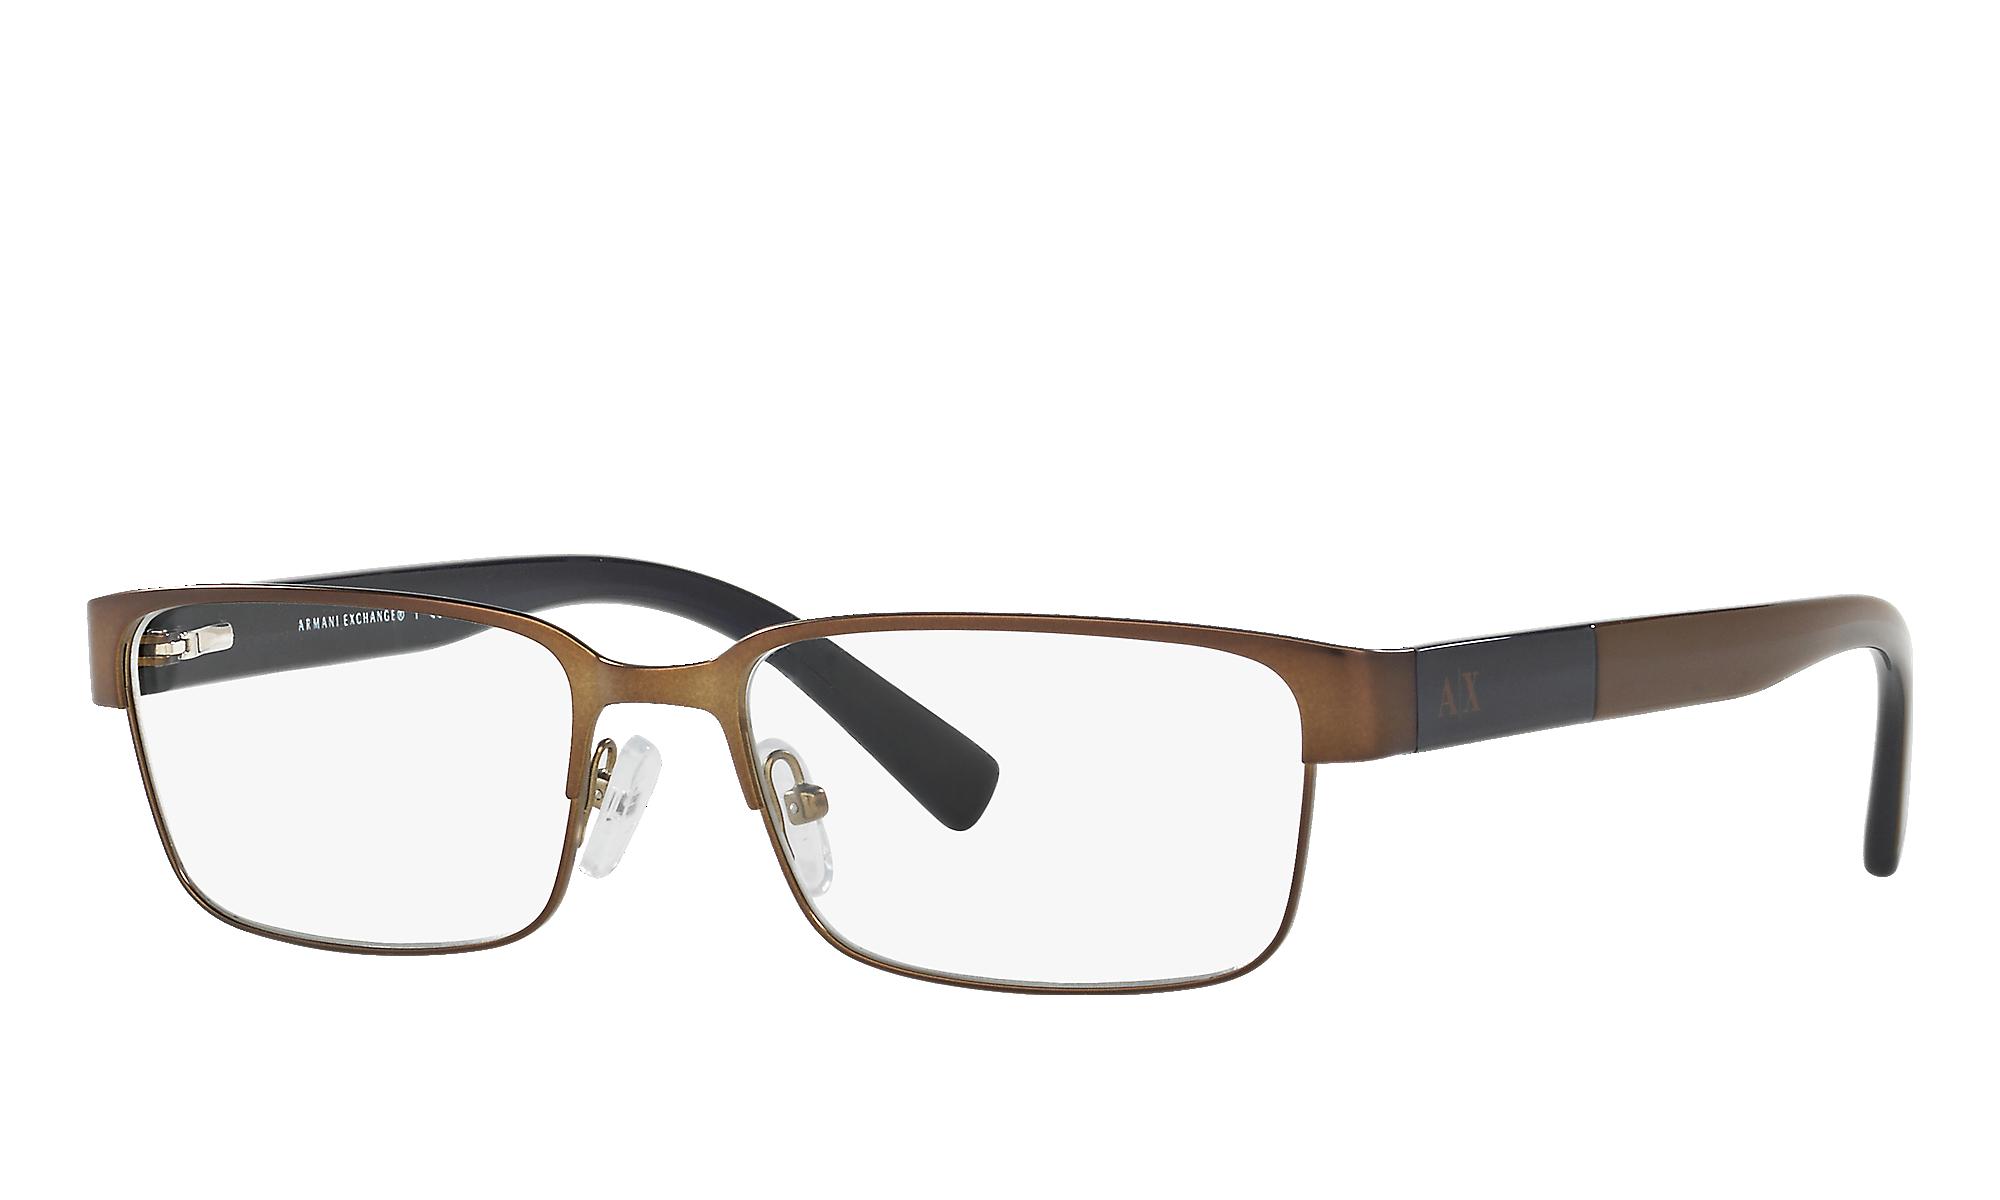 Armani Exchange AX1017 | Glasses.com® | Free Shipping